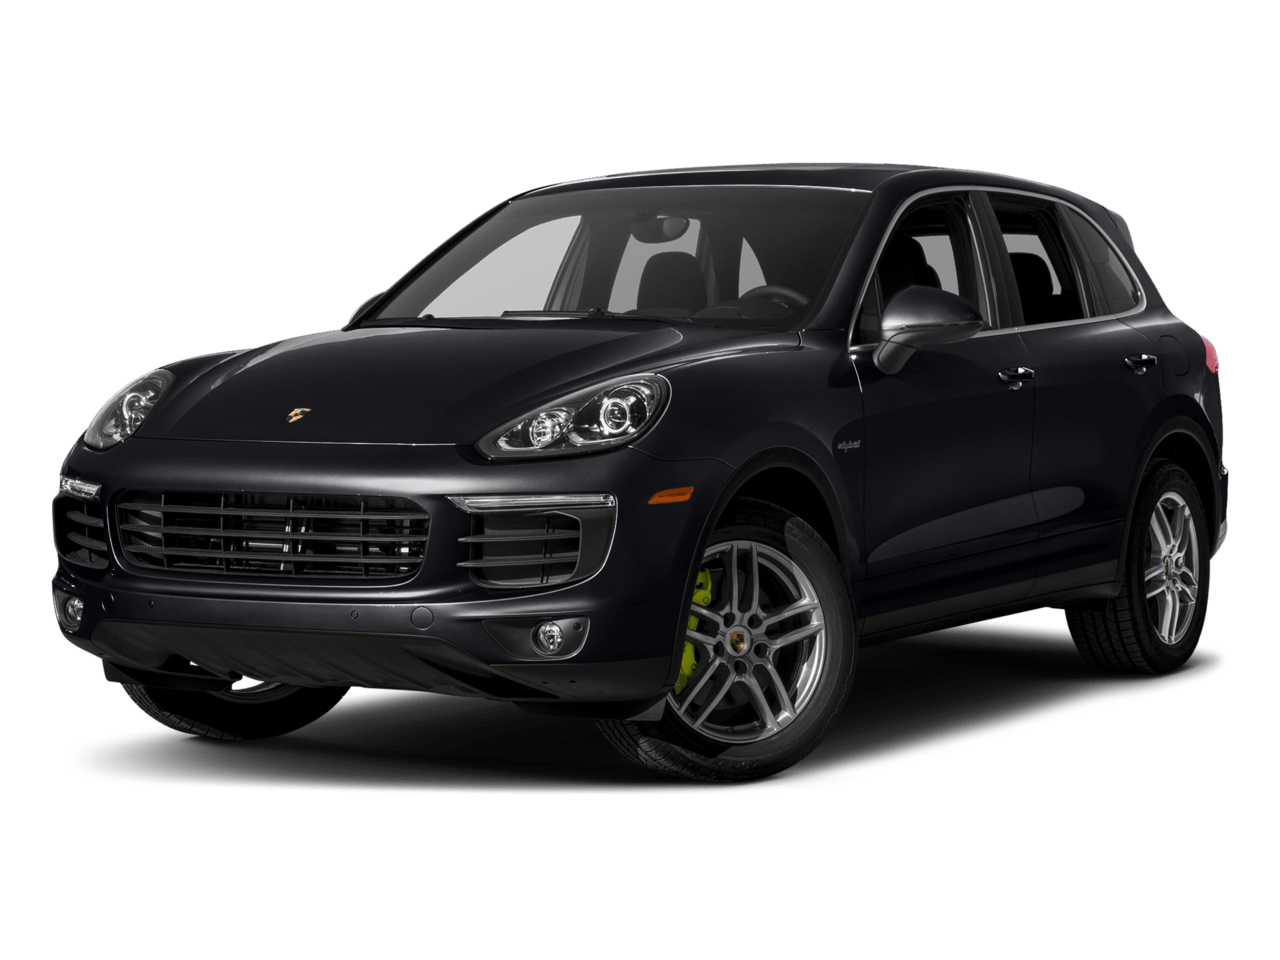 Jet Black Metallic - 2018 Porsche Cayenne Hybrid